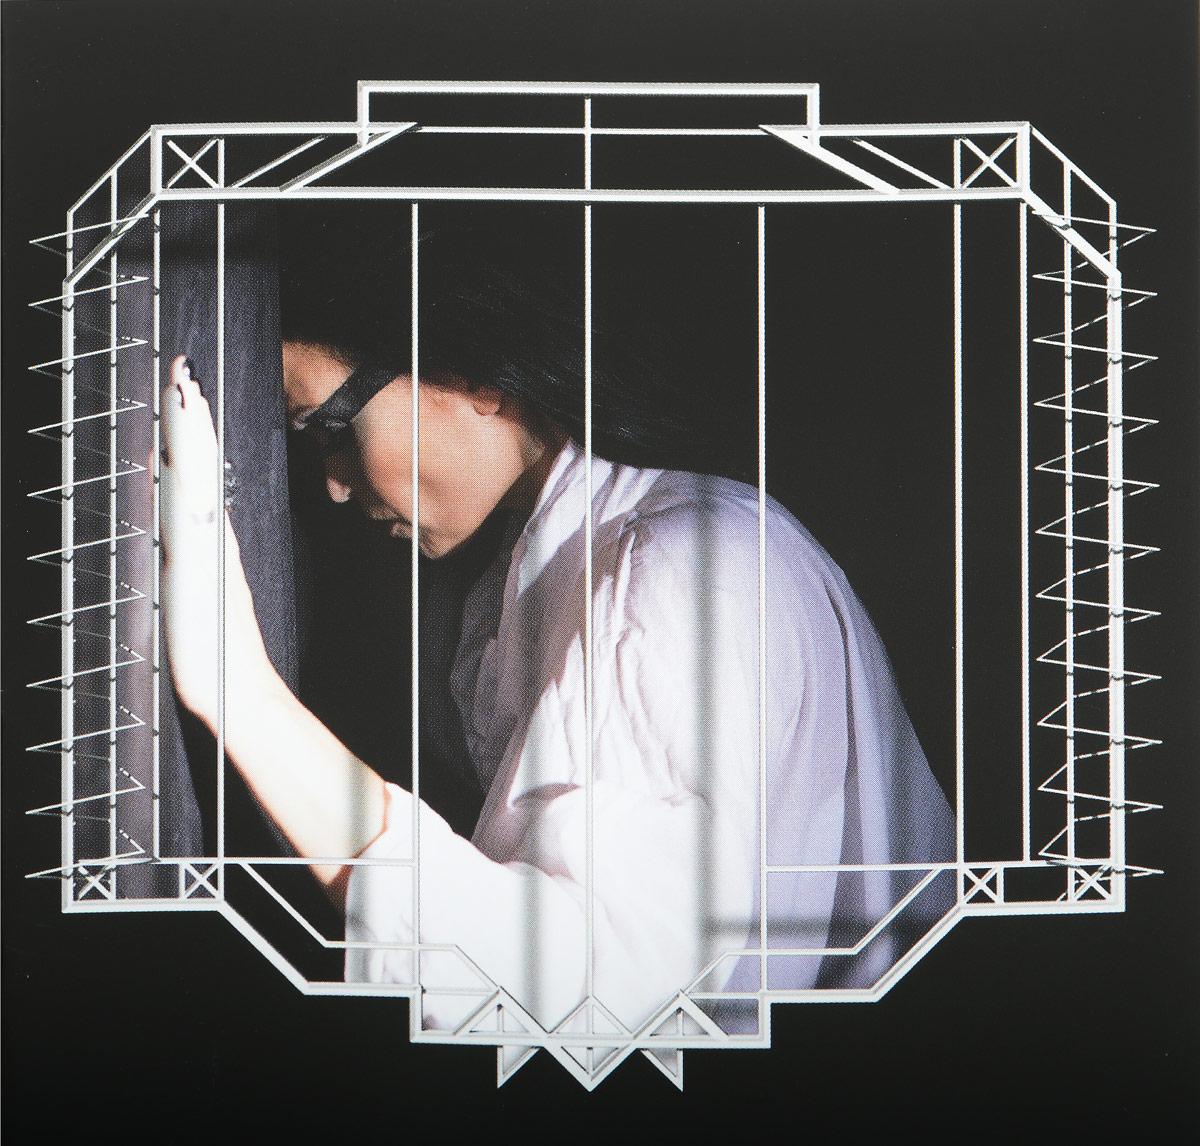 К изданию прилагается 20-страничный буклет с фотографиями и текстами песен на английском языке.